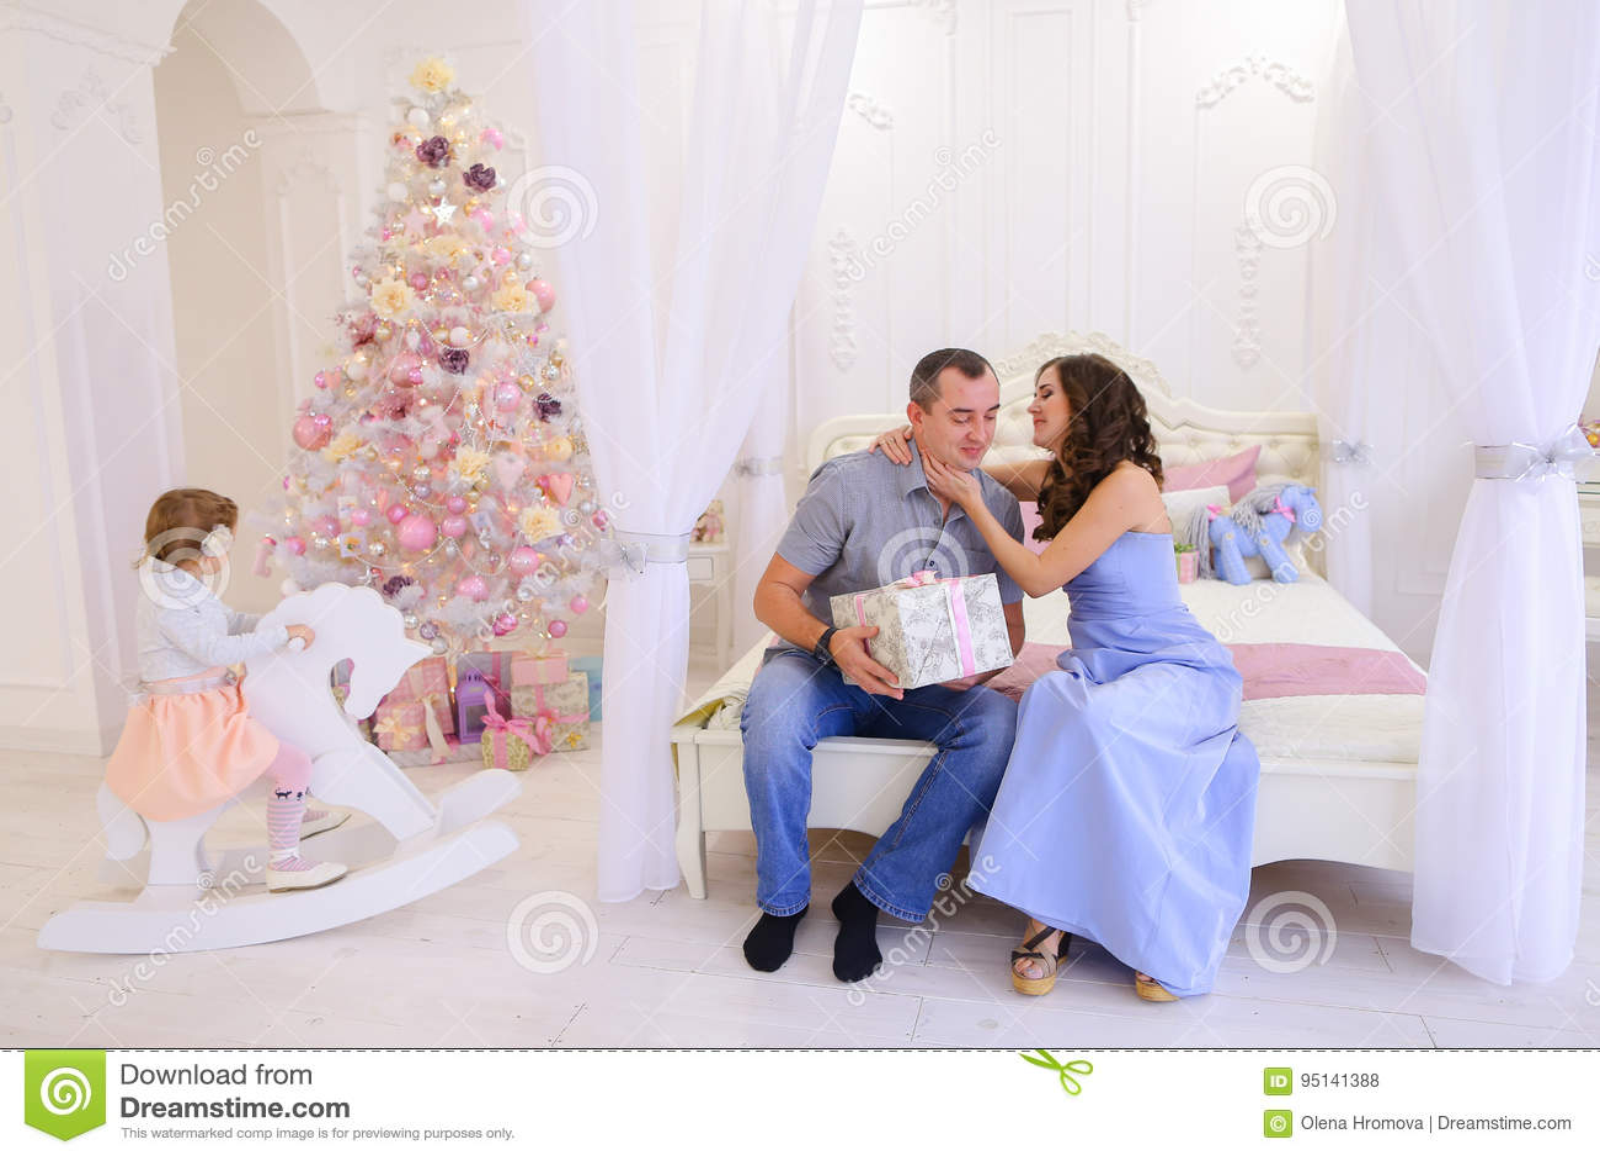 Regali Di Natale Moglie.Il Marito E La Moglie Si Danno I Regali Di Natale In Spaci Luminoso Fotografia Stock Immagine Di Amore Prole 95141388